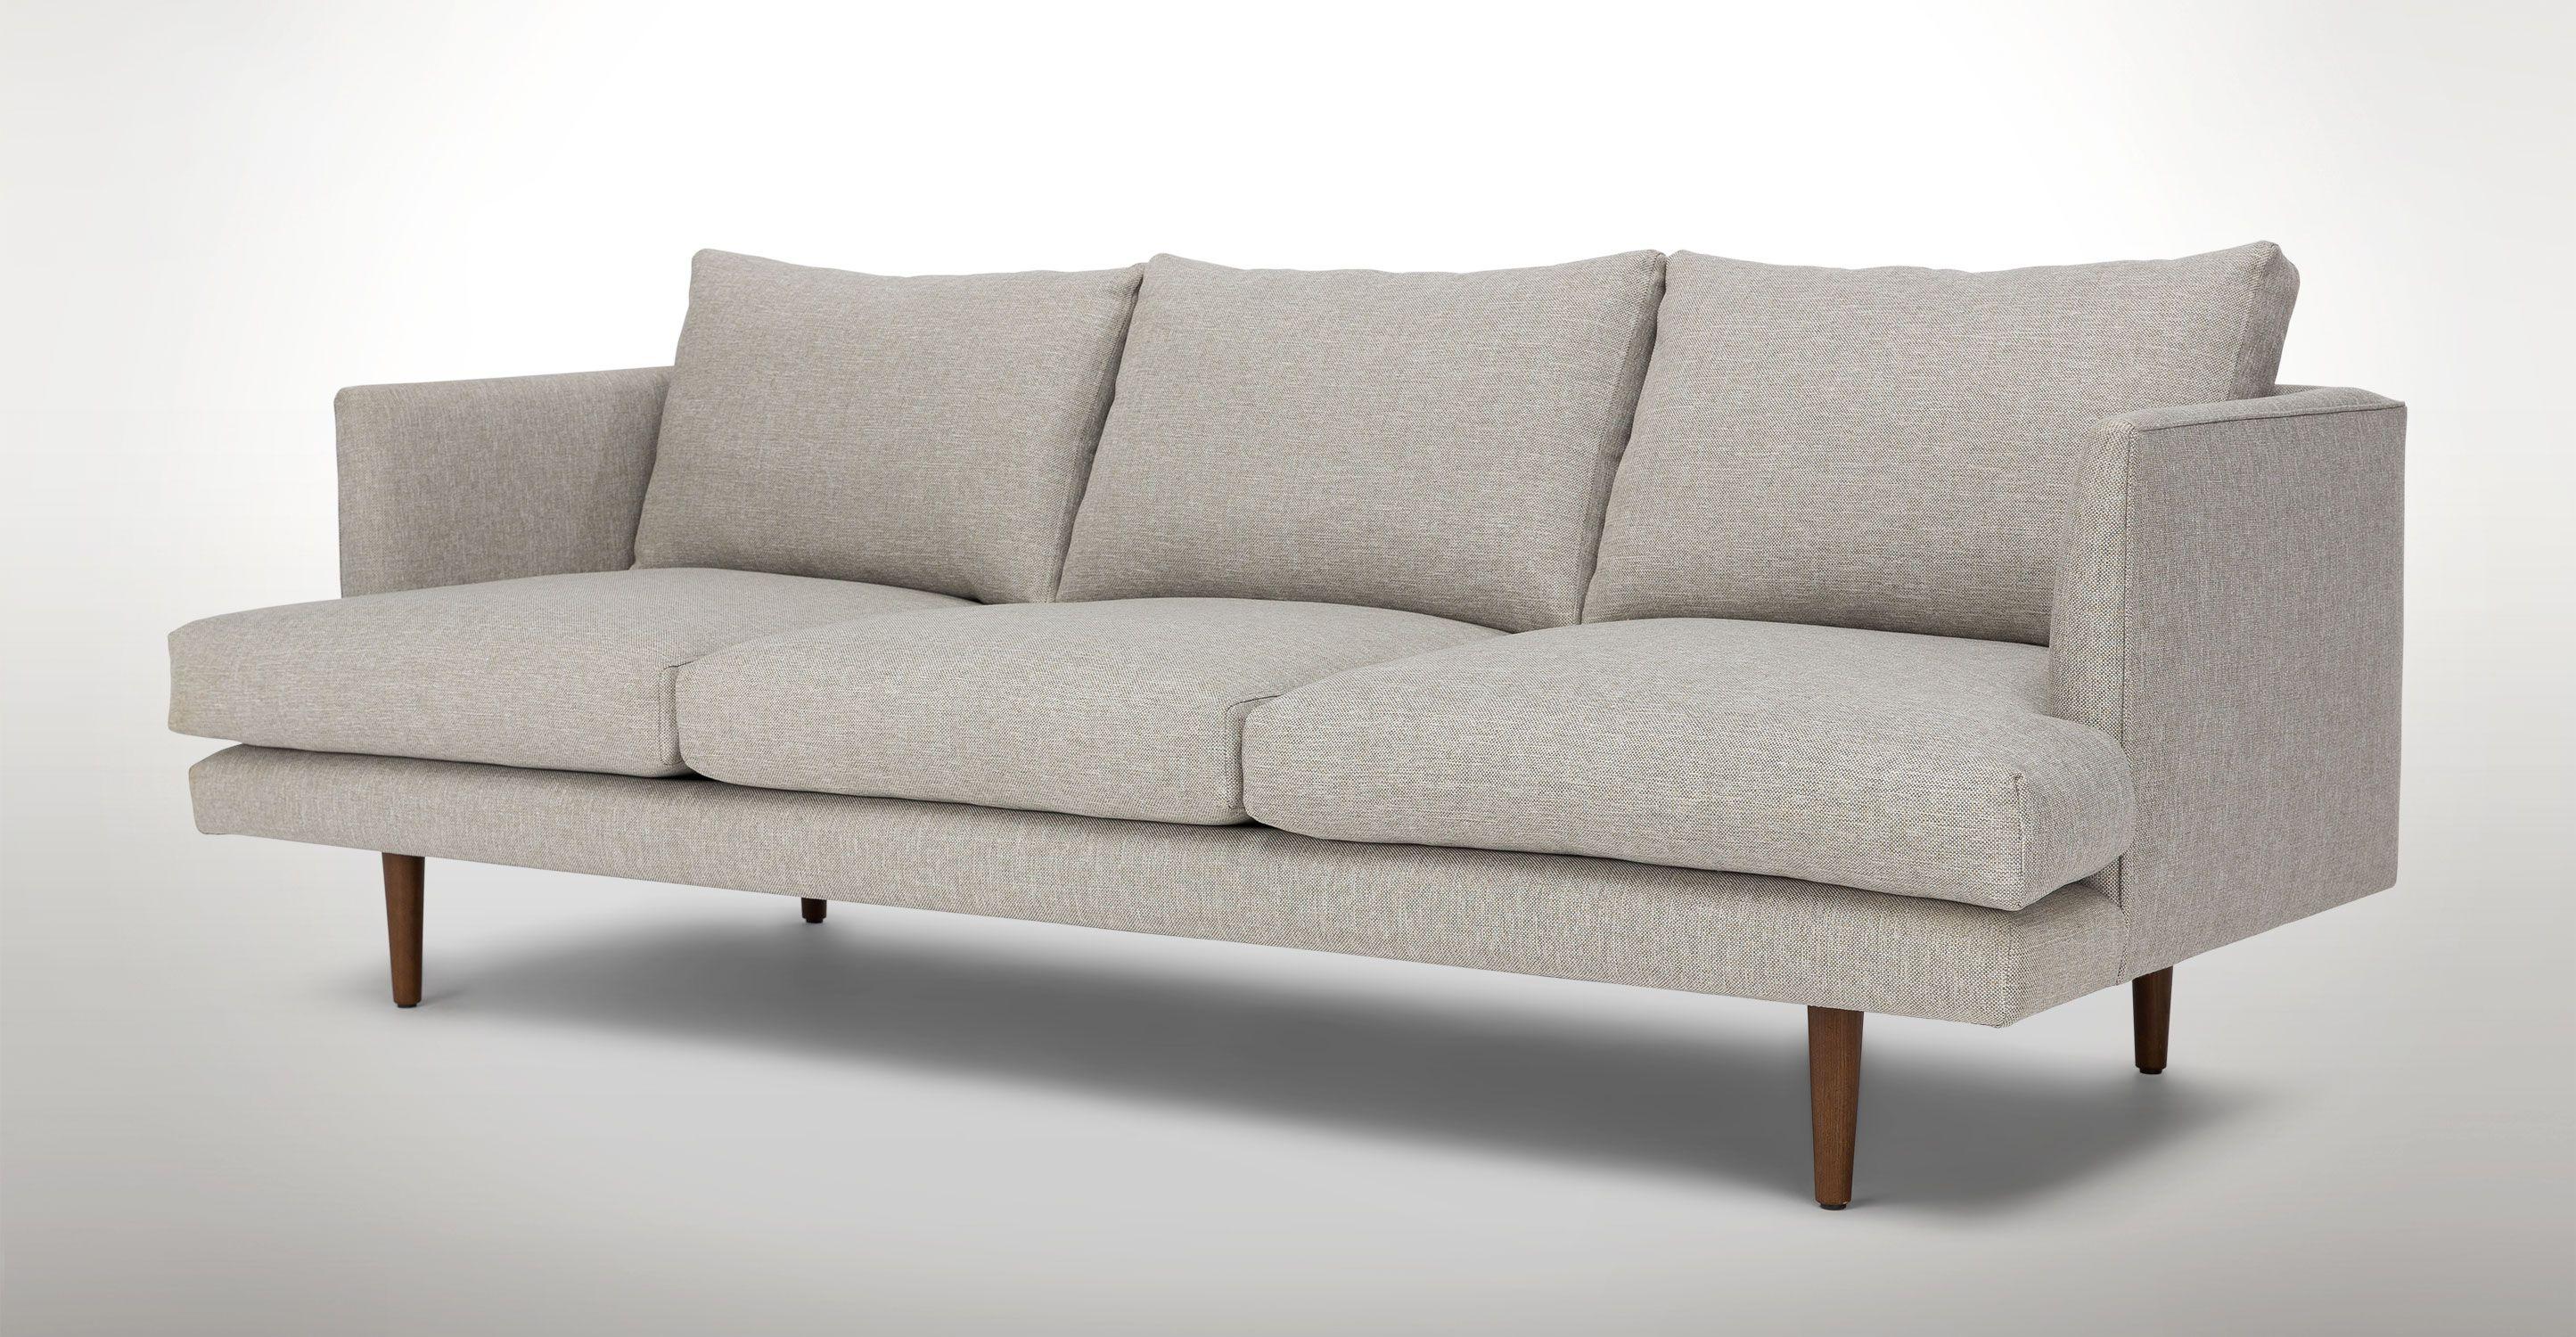 Burrard Seasalt Gray Sofa Sofas Article